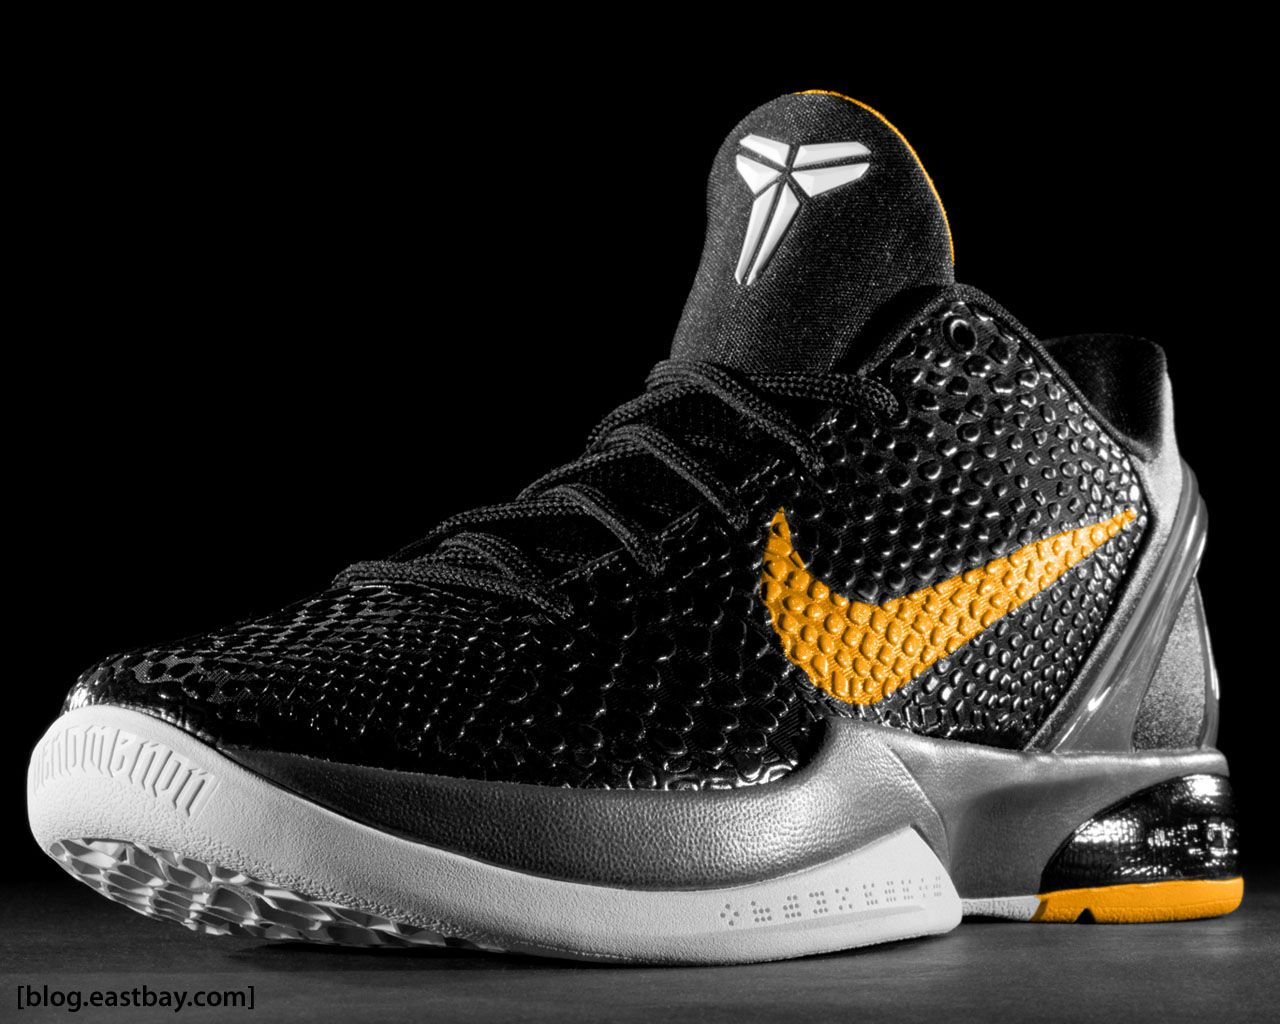 Nike Zoom Kobe VI Del Sol